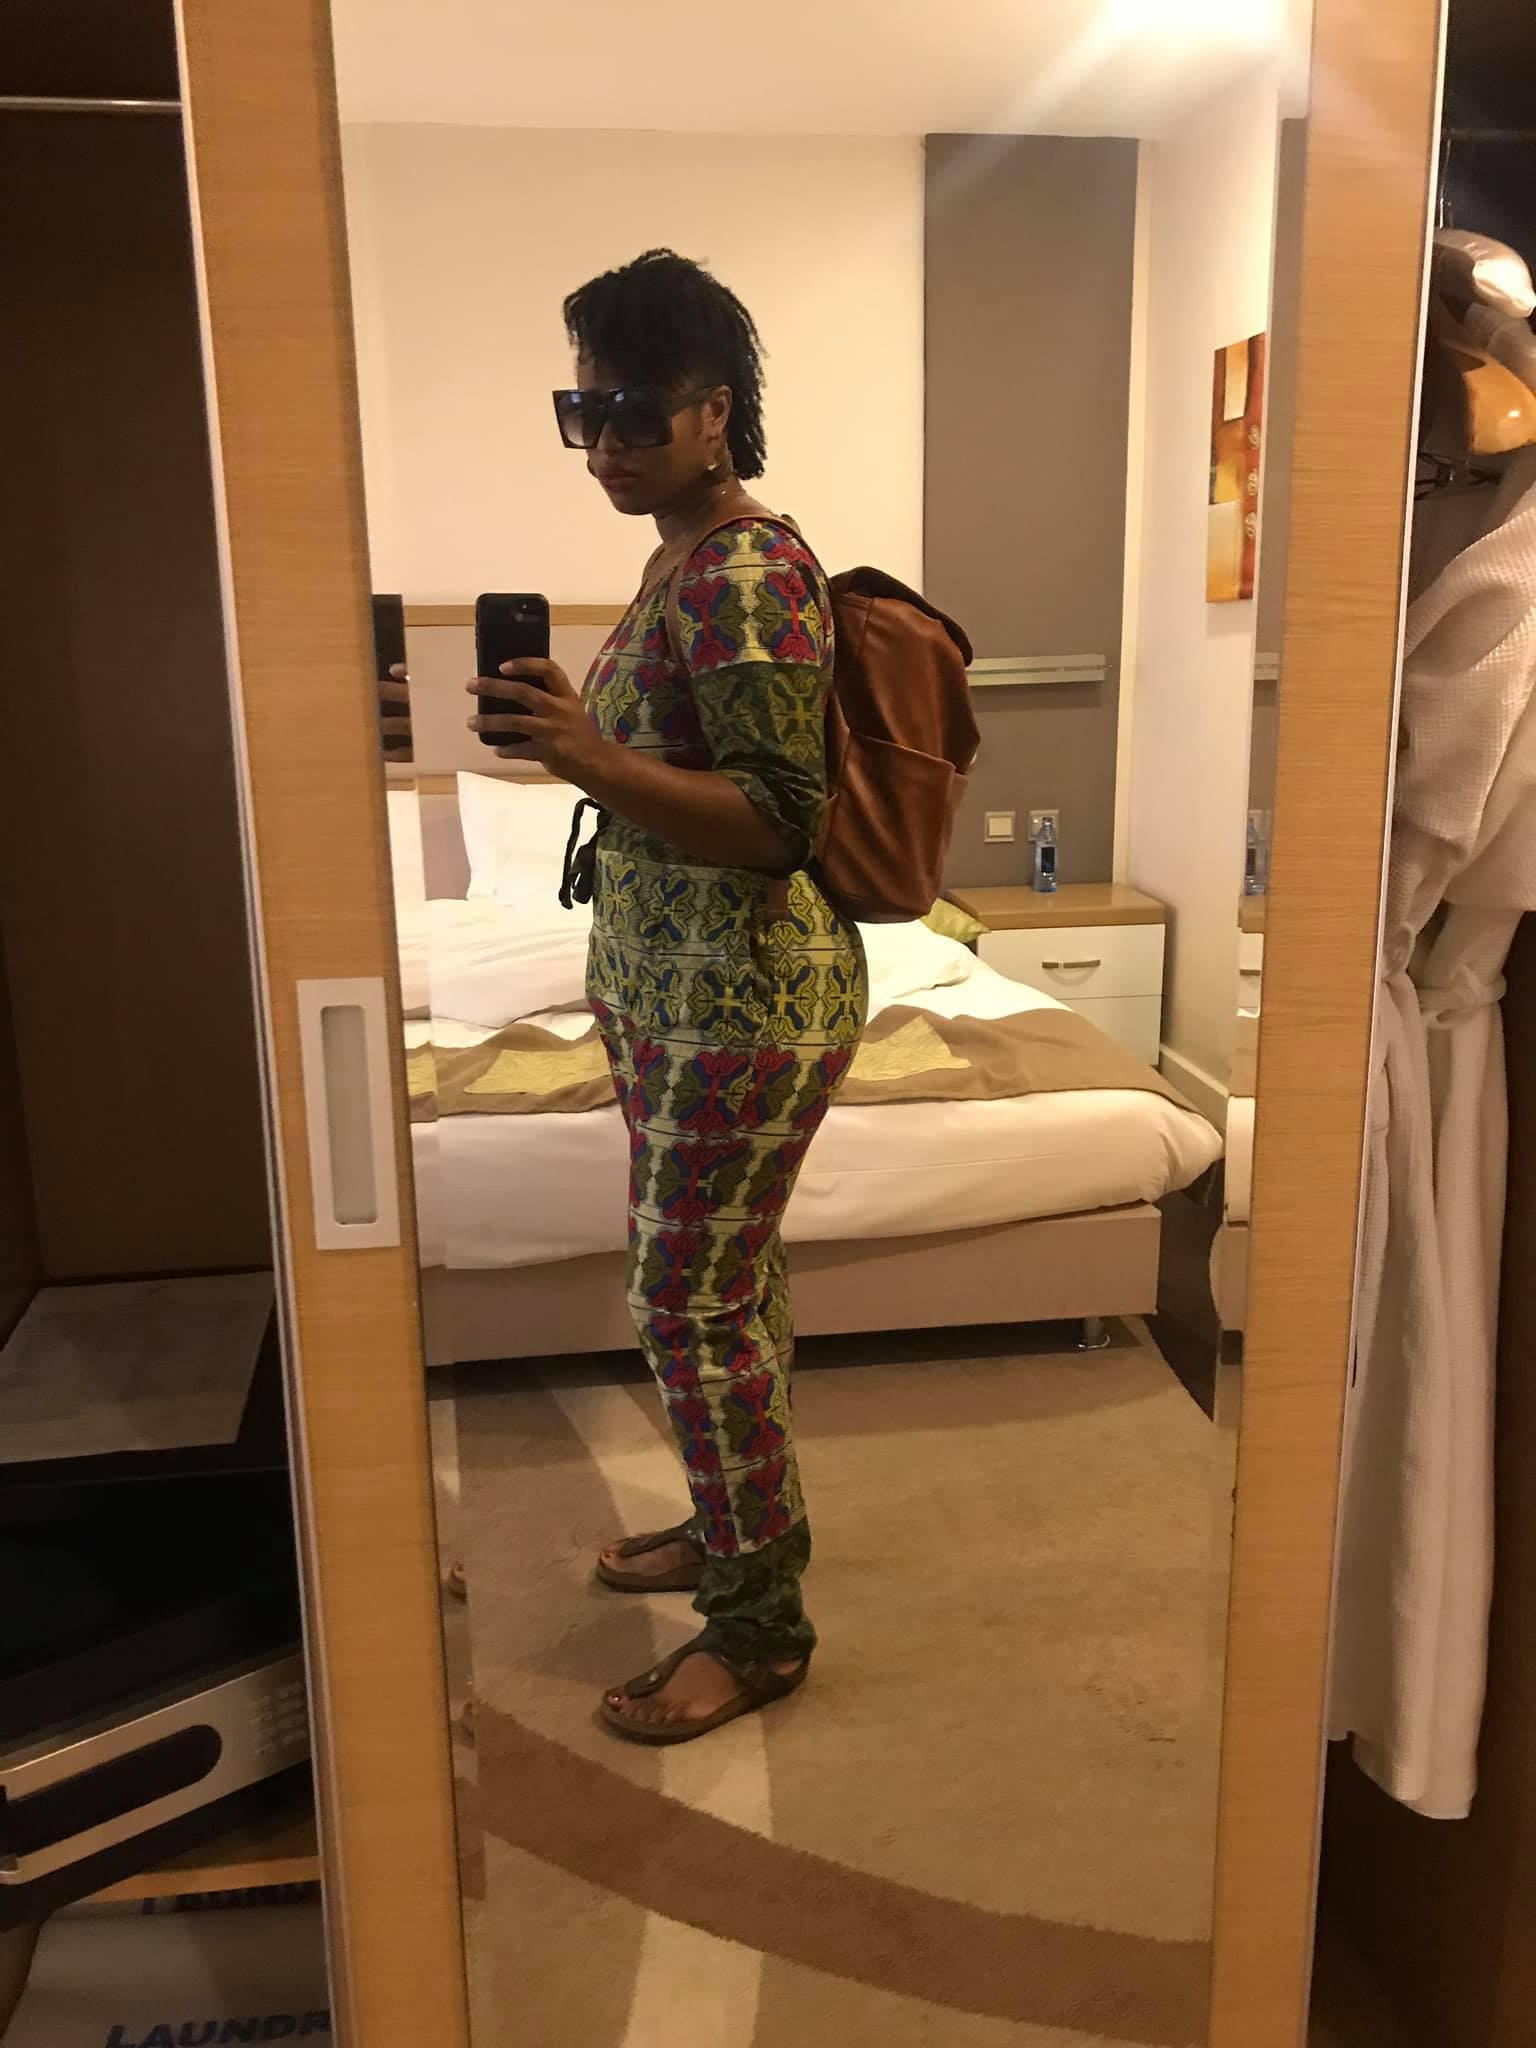 Nairobi-kenya-travel-eat-see-do-vickieremoe-72hours-EastAfrica-giraffe-shopping-TV47.jpg